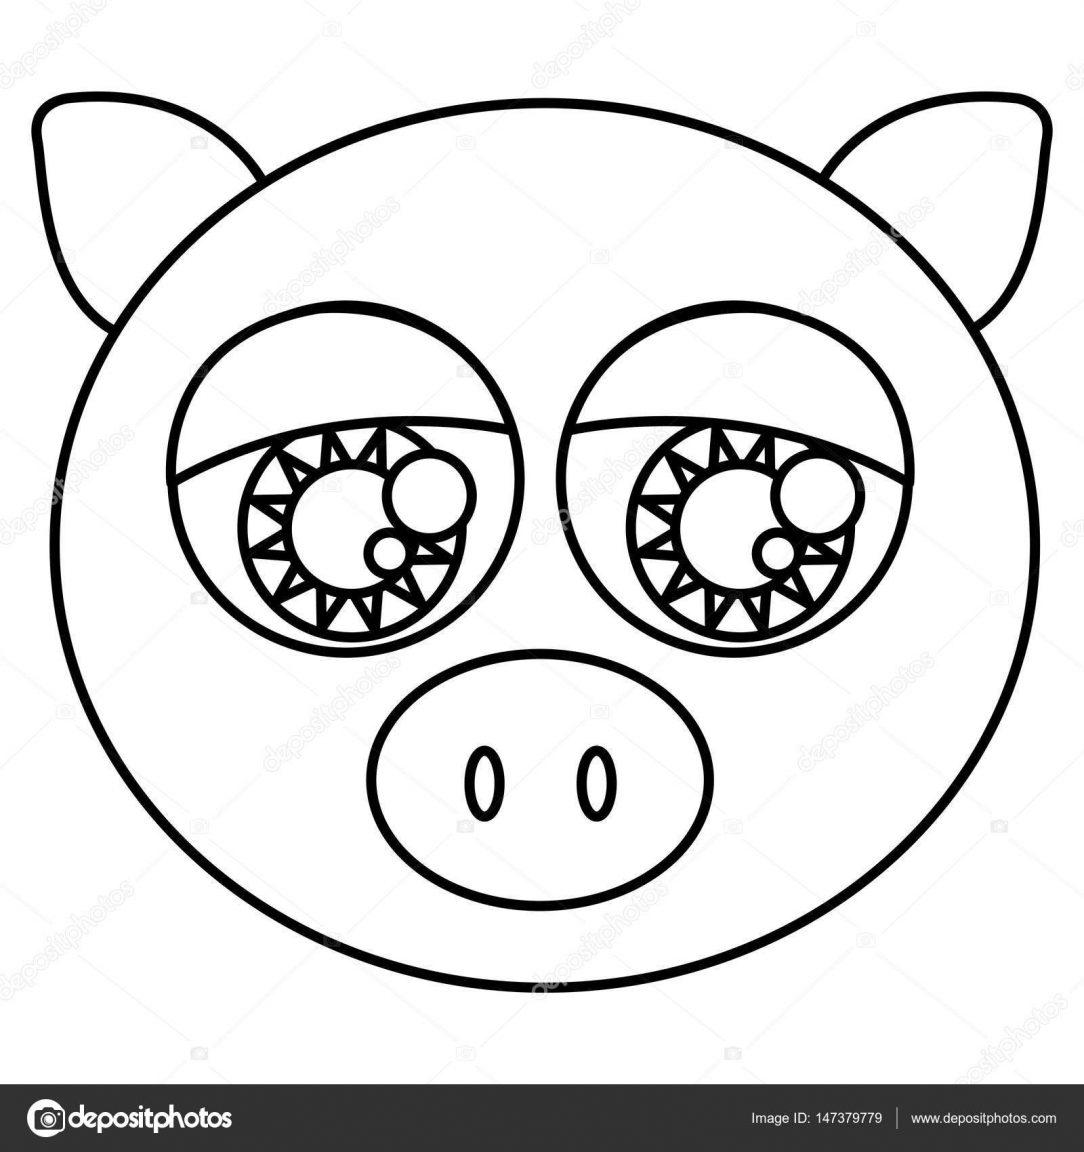 1084x1152 How To Draw A Cute Pig Face Do You Cartoon Step